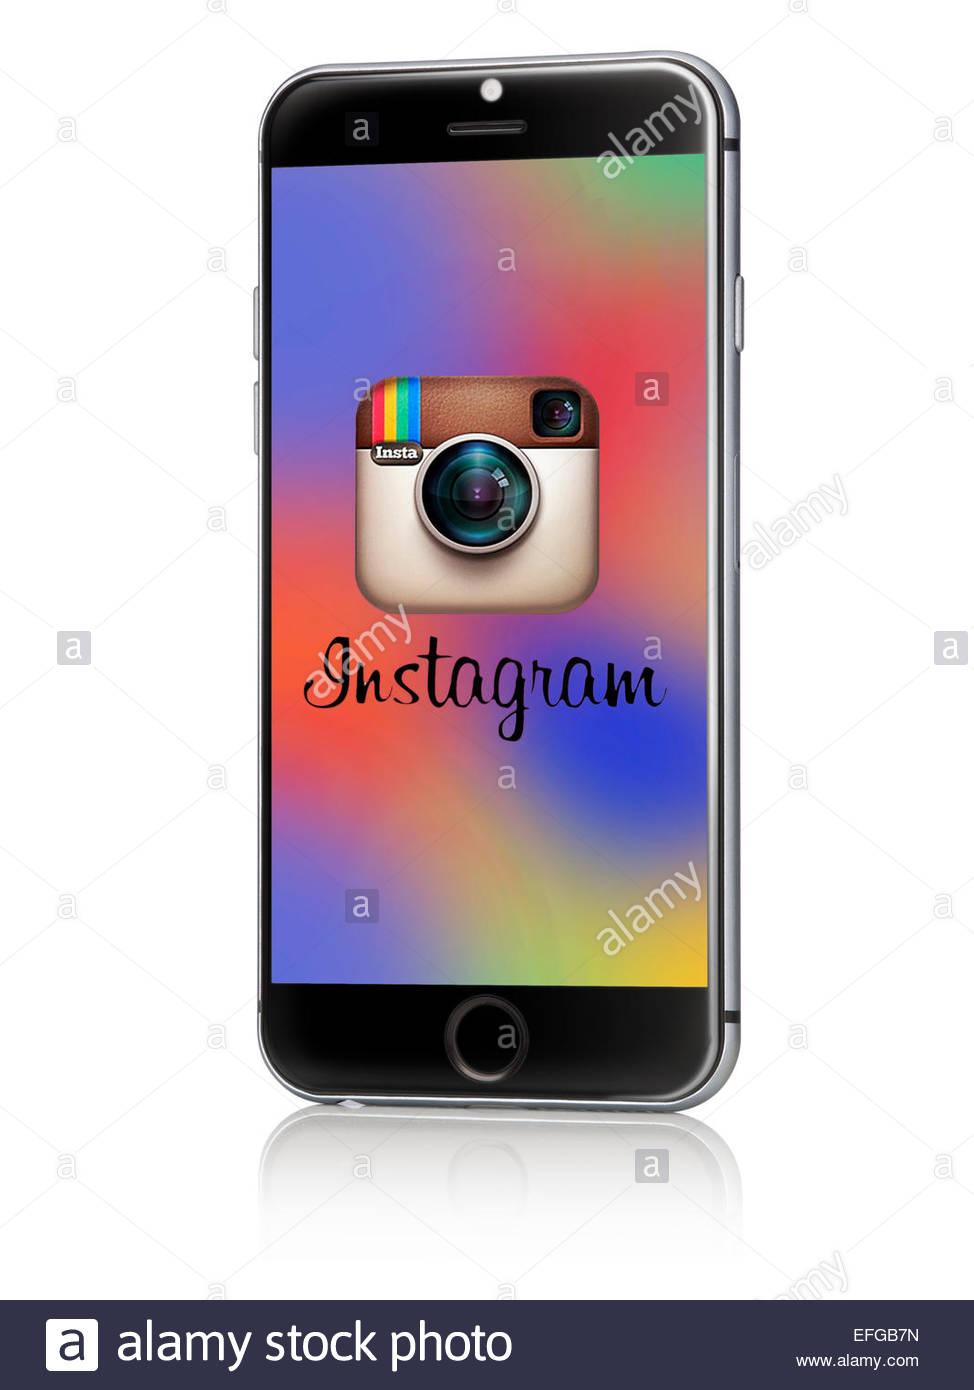 Apple Iphone Su Uno Sfondo Bianco Con Logo Instagram Sullo Schermo